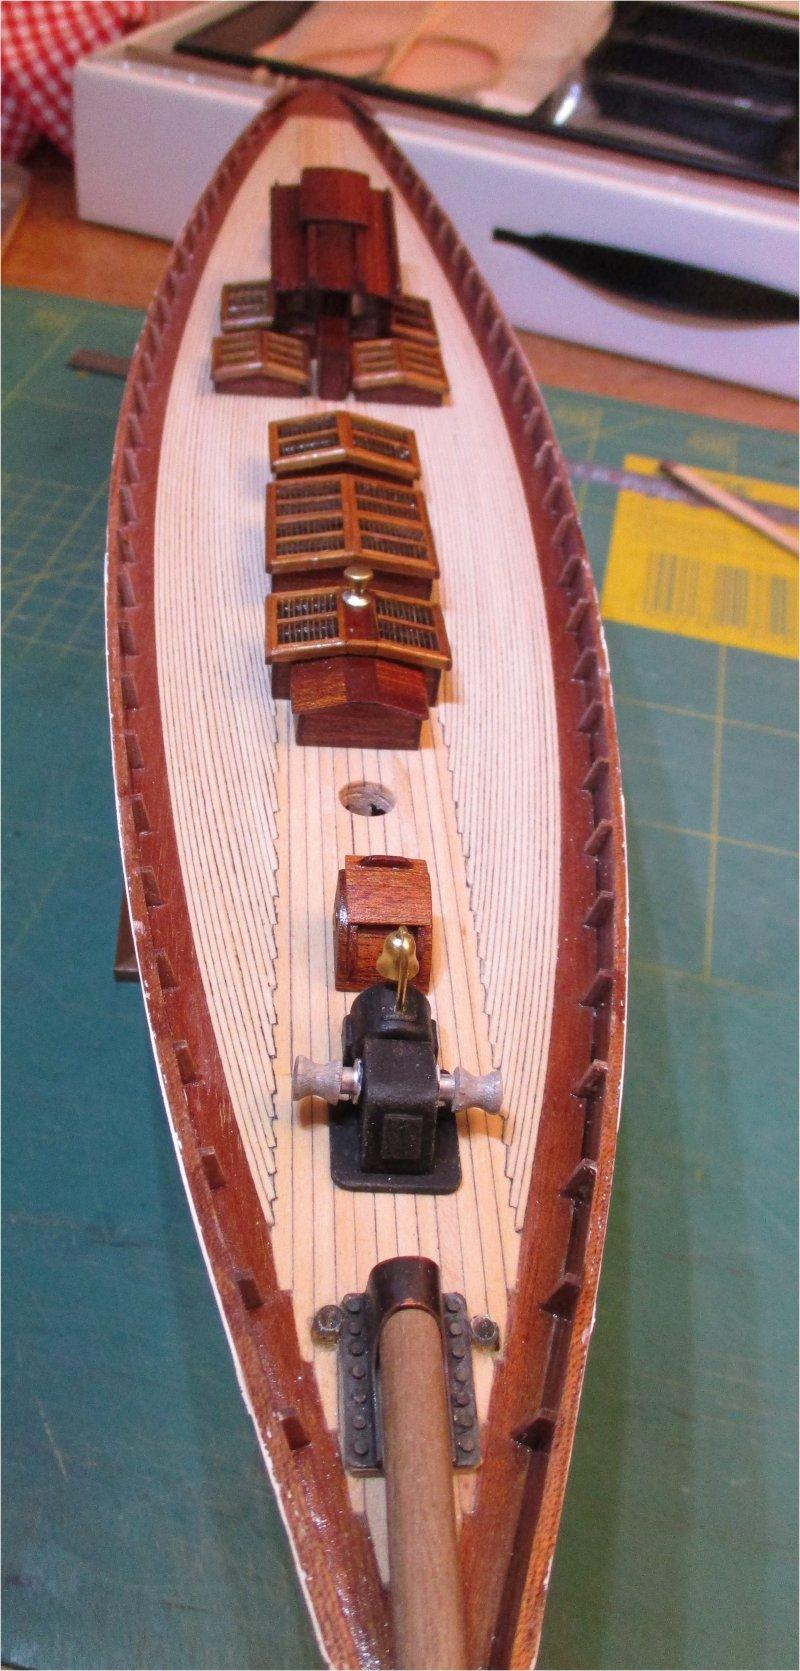 Altaïr - Yacht anglais 1931 (base Constructo 1/67°) par Fred P. - Page 3 Altazc87